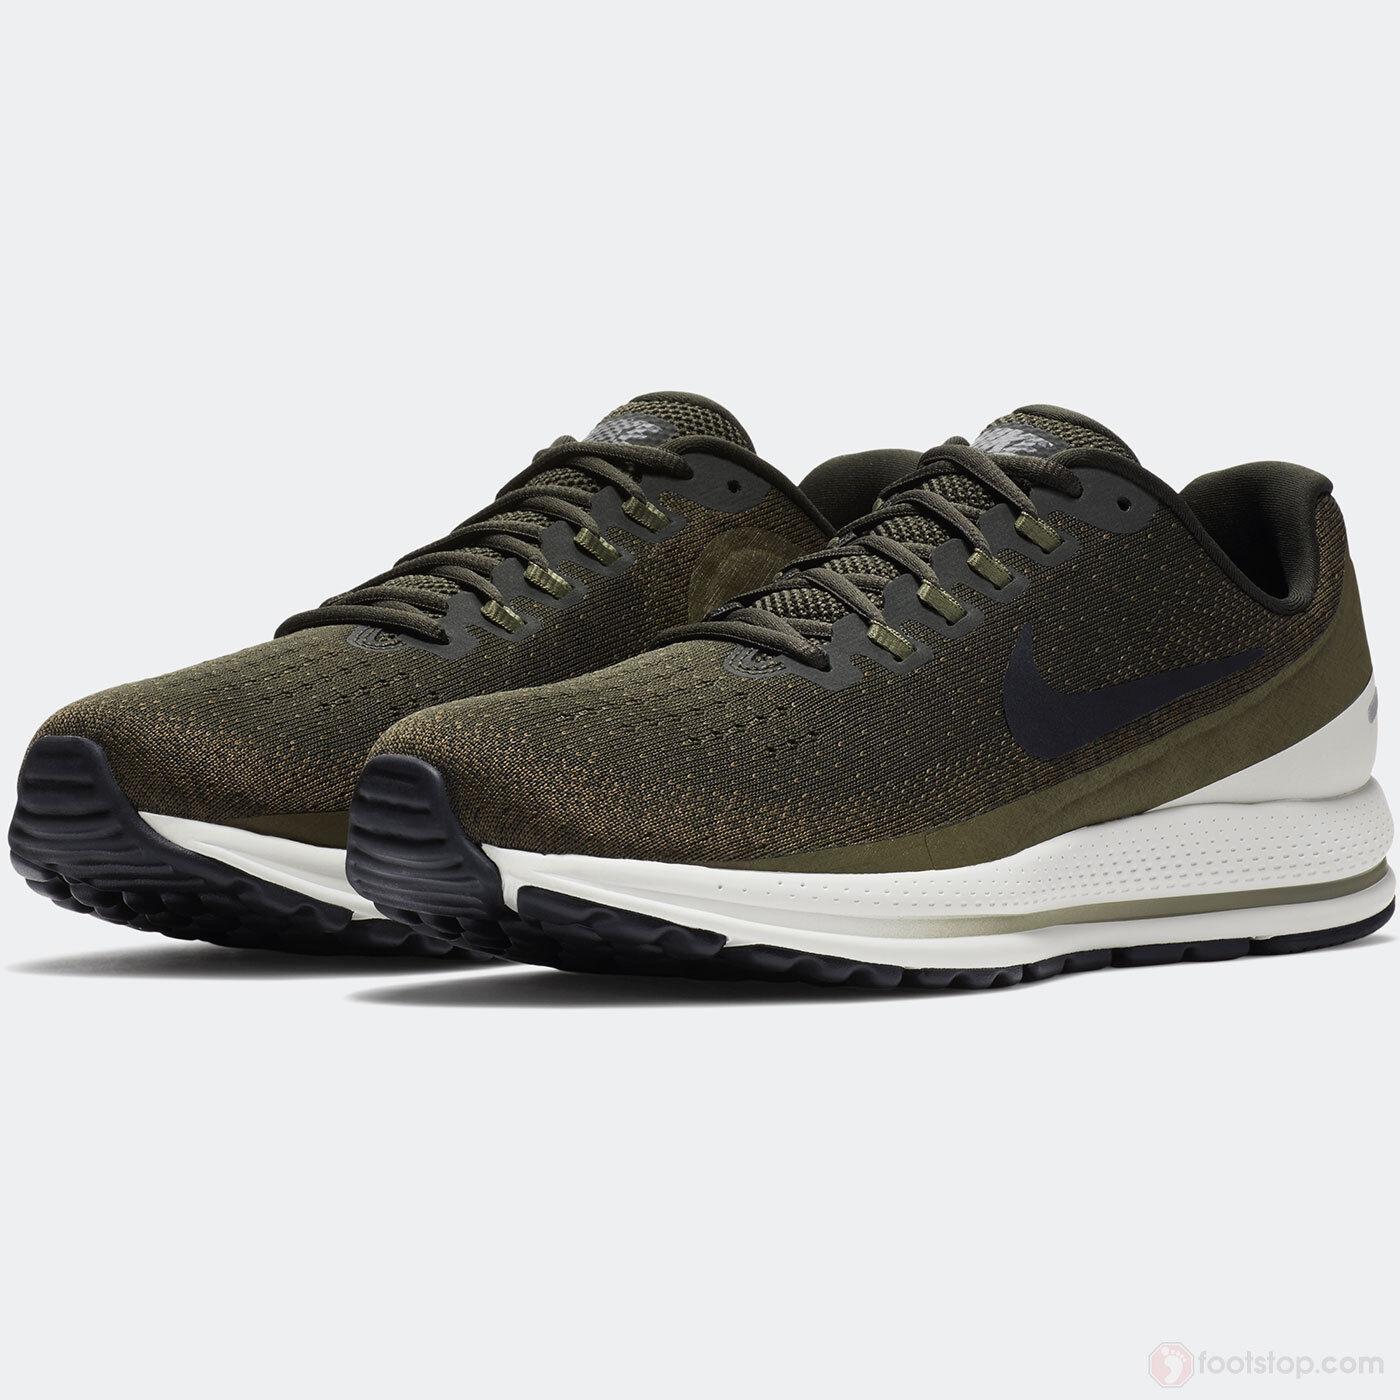 Nike air zoom vomero 13 uomini sequoia / nero / 10,5 medio olive nuove dimensioni 10,5 / a correre f5c30f